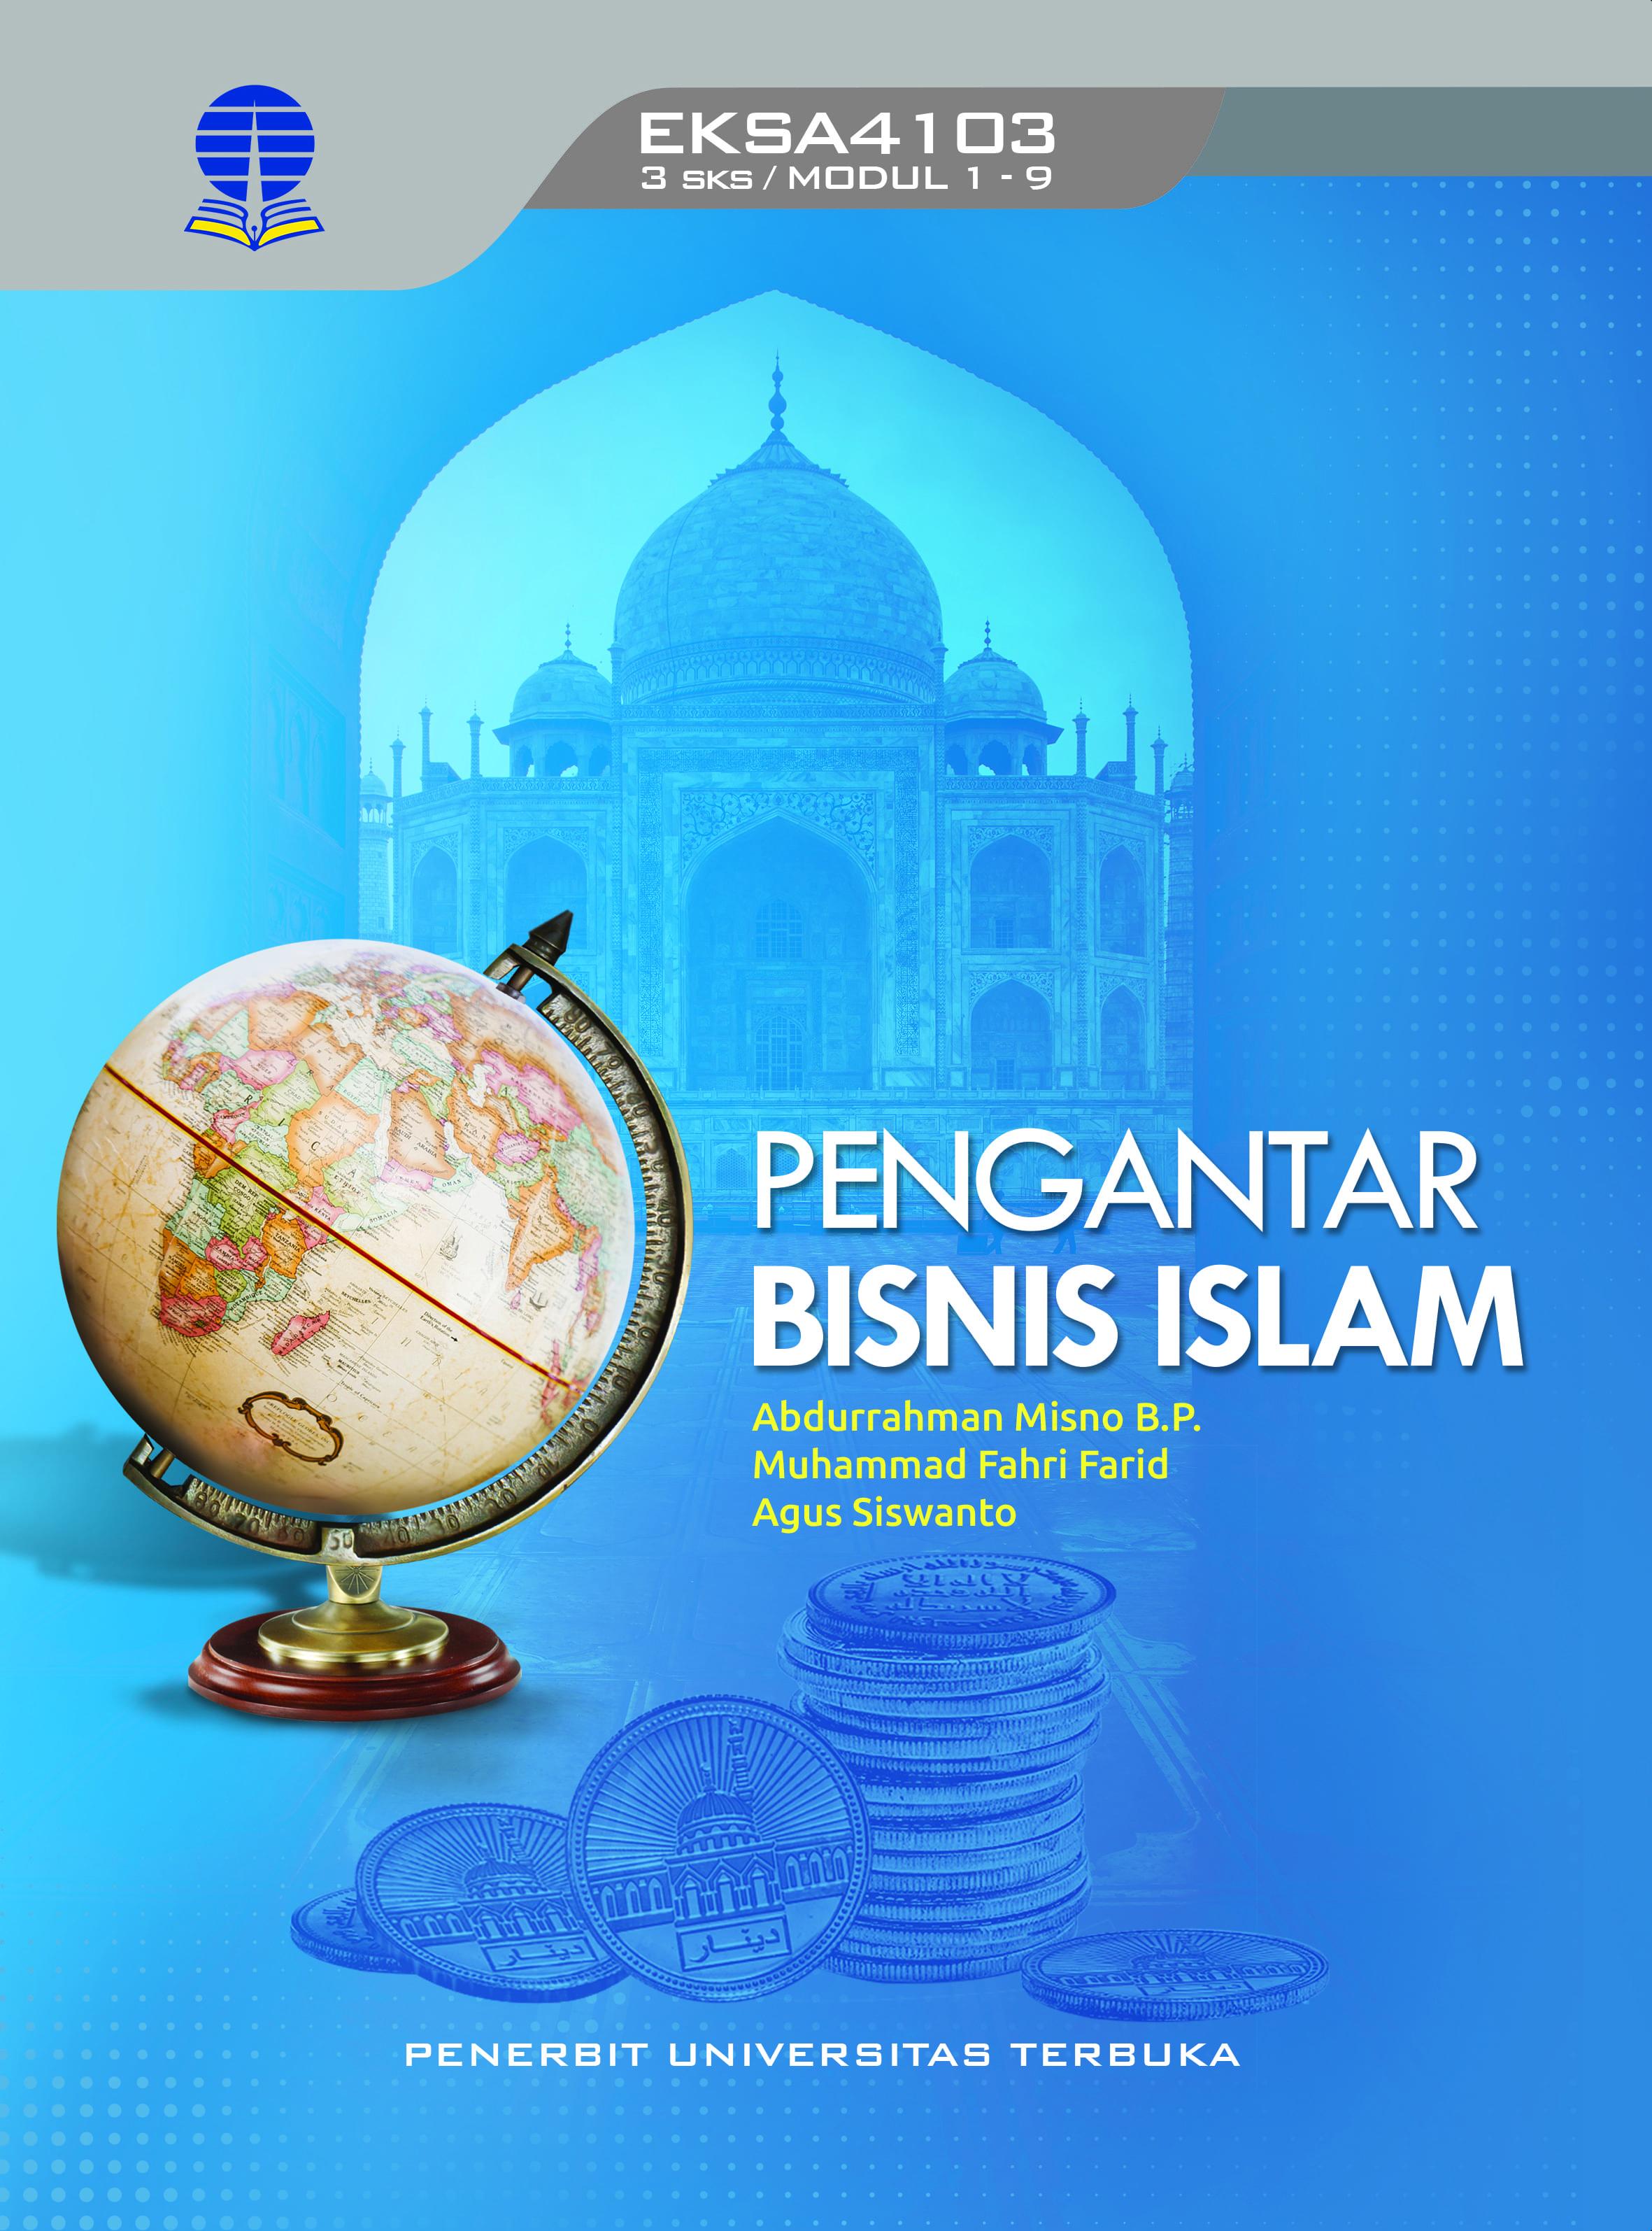 Pengantar bisnis Islam [sumber elektronis]